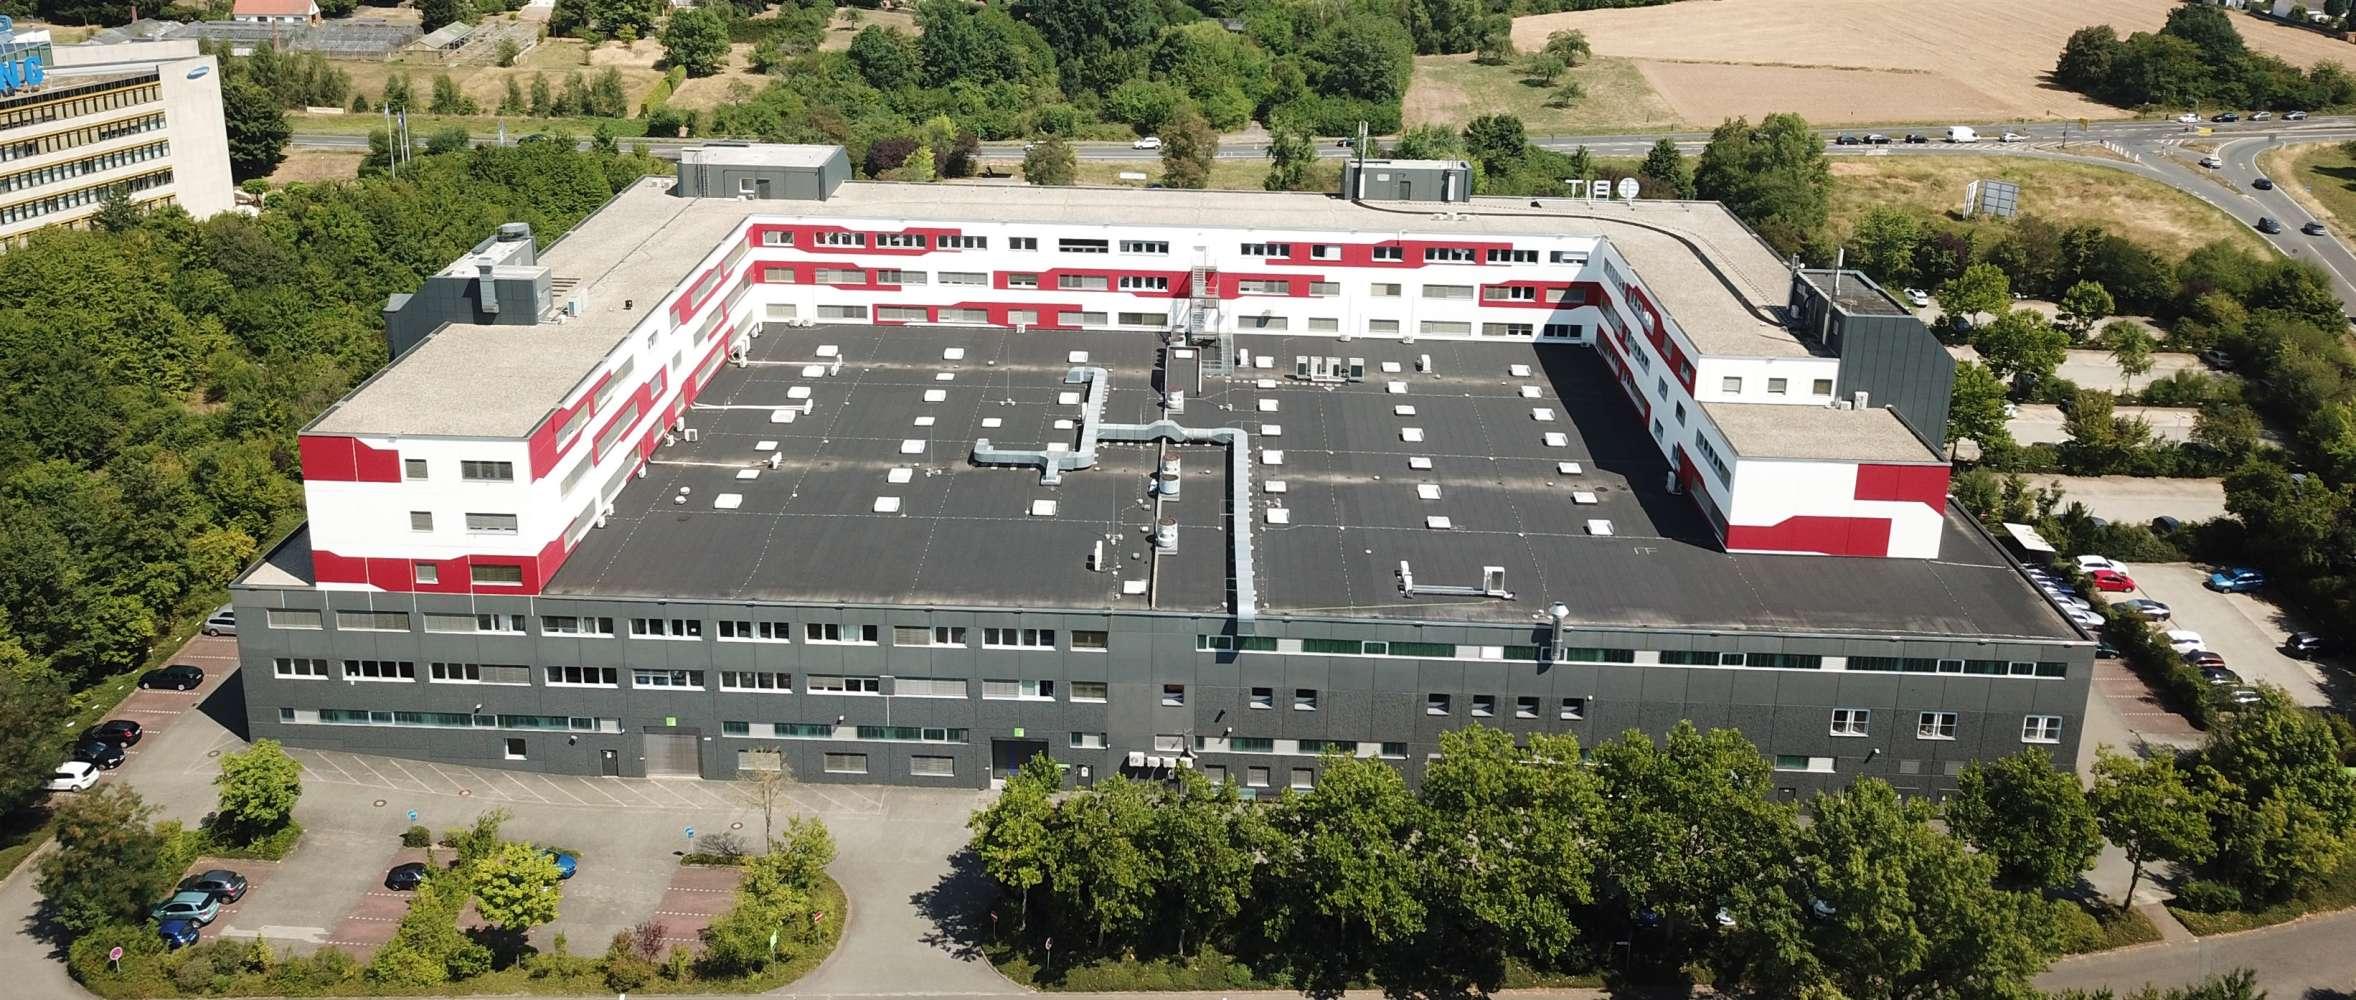 Hallen Schwalbach am taunus, 65824 - Halle - Schwalbach am Taunus - F2051 - 9608690